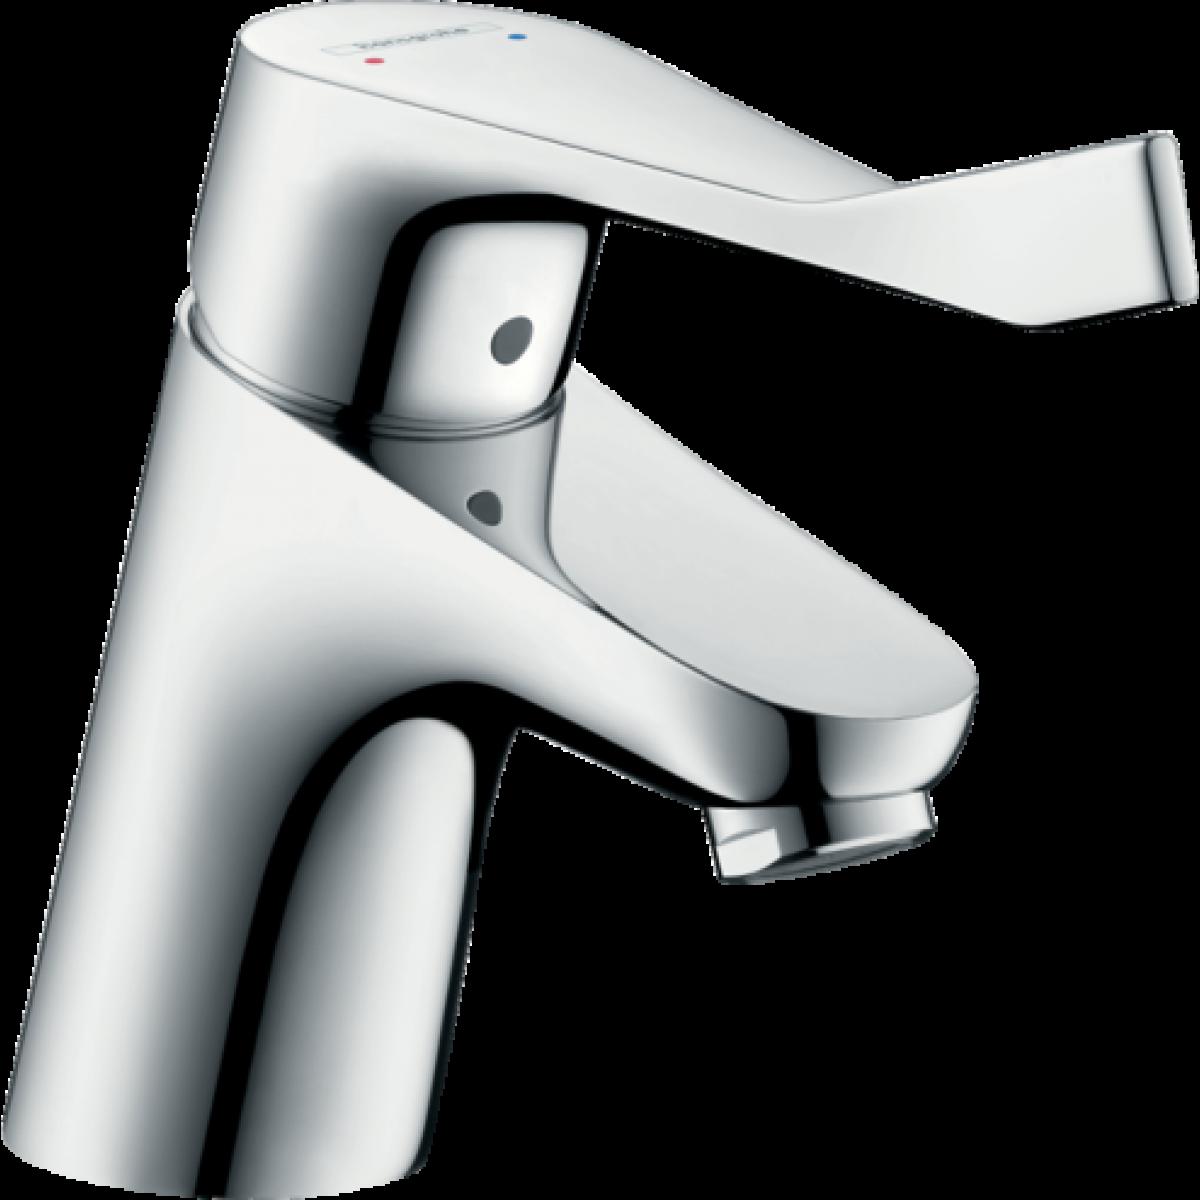 Hansgrohe Hansgrohe - Mitigeur de lavabo Focus 70 longueur 101 mm Care avec poignée extra longue, avec tirette et vidage chromé